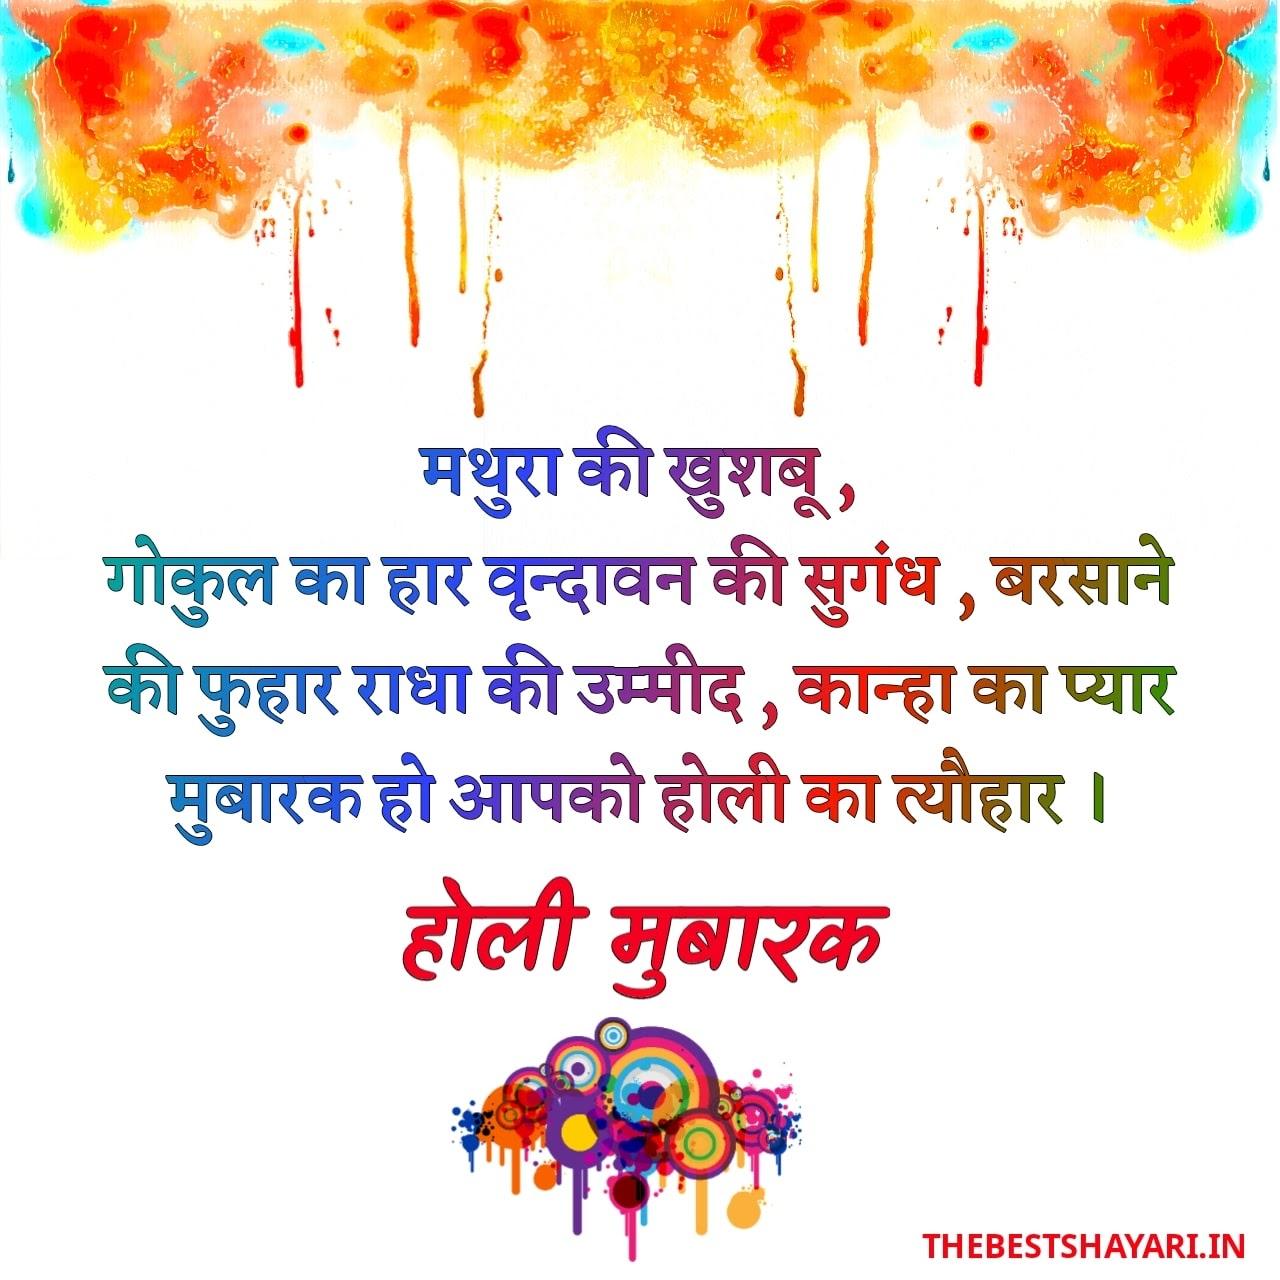 Holi images Hindi shayari 3